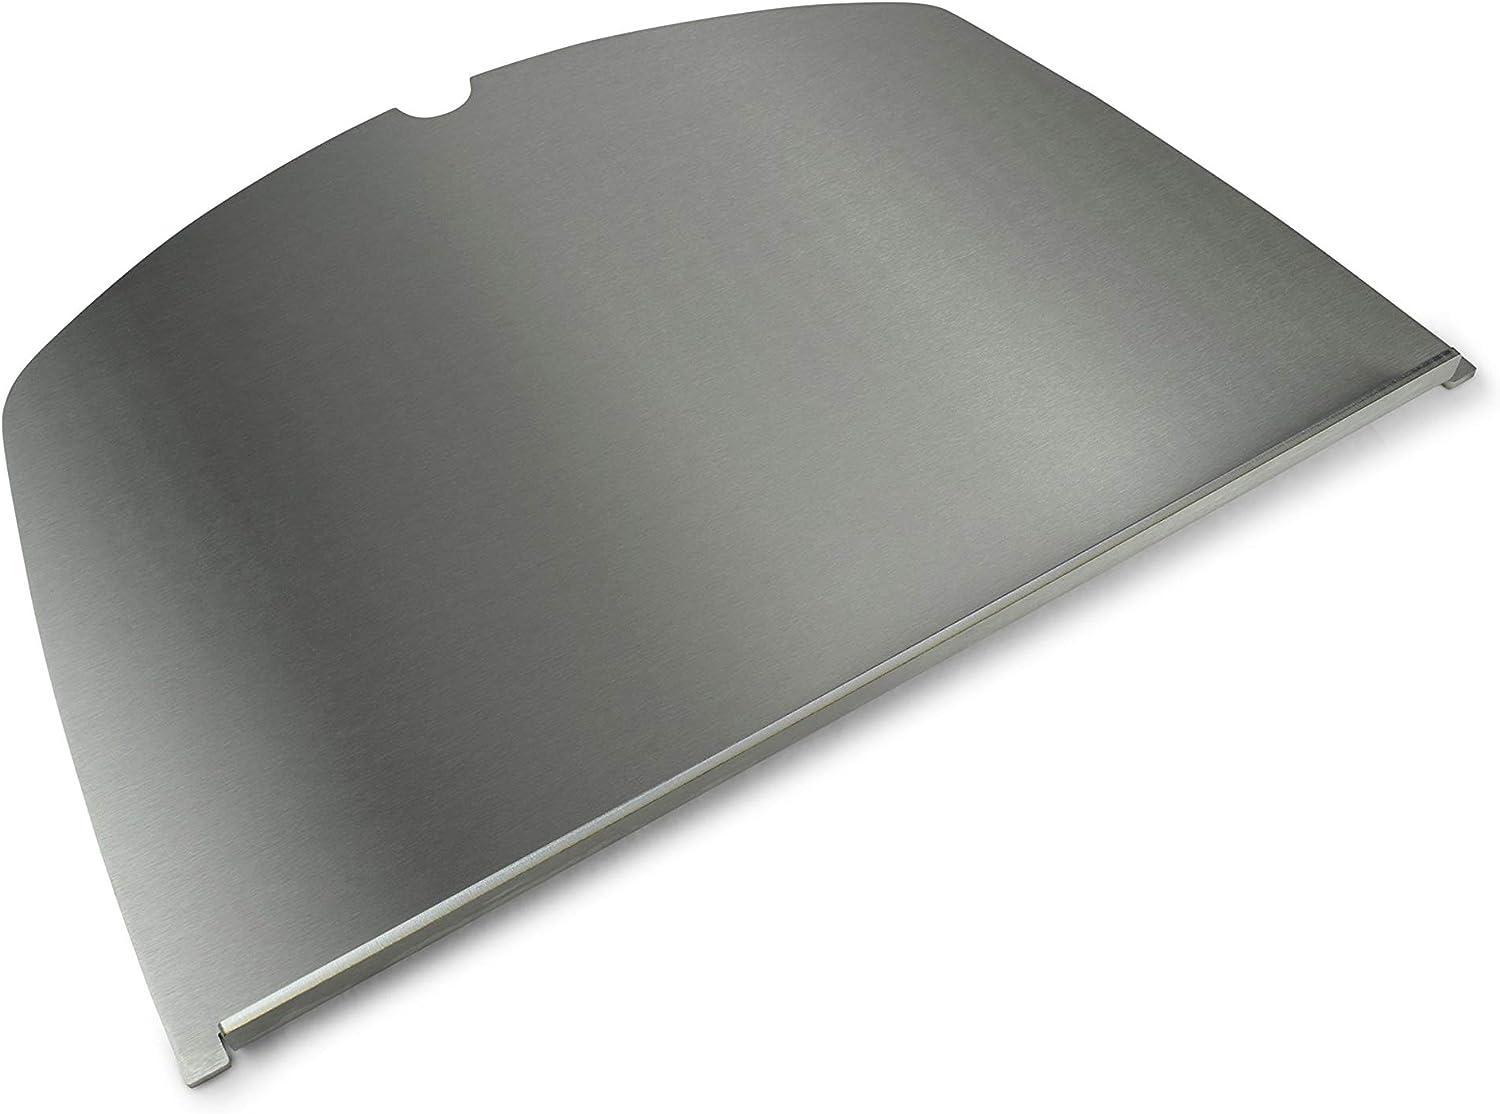 Gr/ö/ße:Q100//Q200 Pinces dadaptation Grilles et plaques de Grillage en Acier Inoxydable appropri/ées S/érie Weber Q100 Q200 Q200 Q300